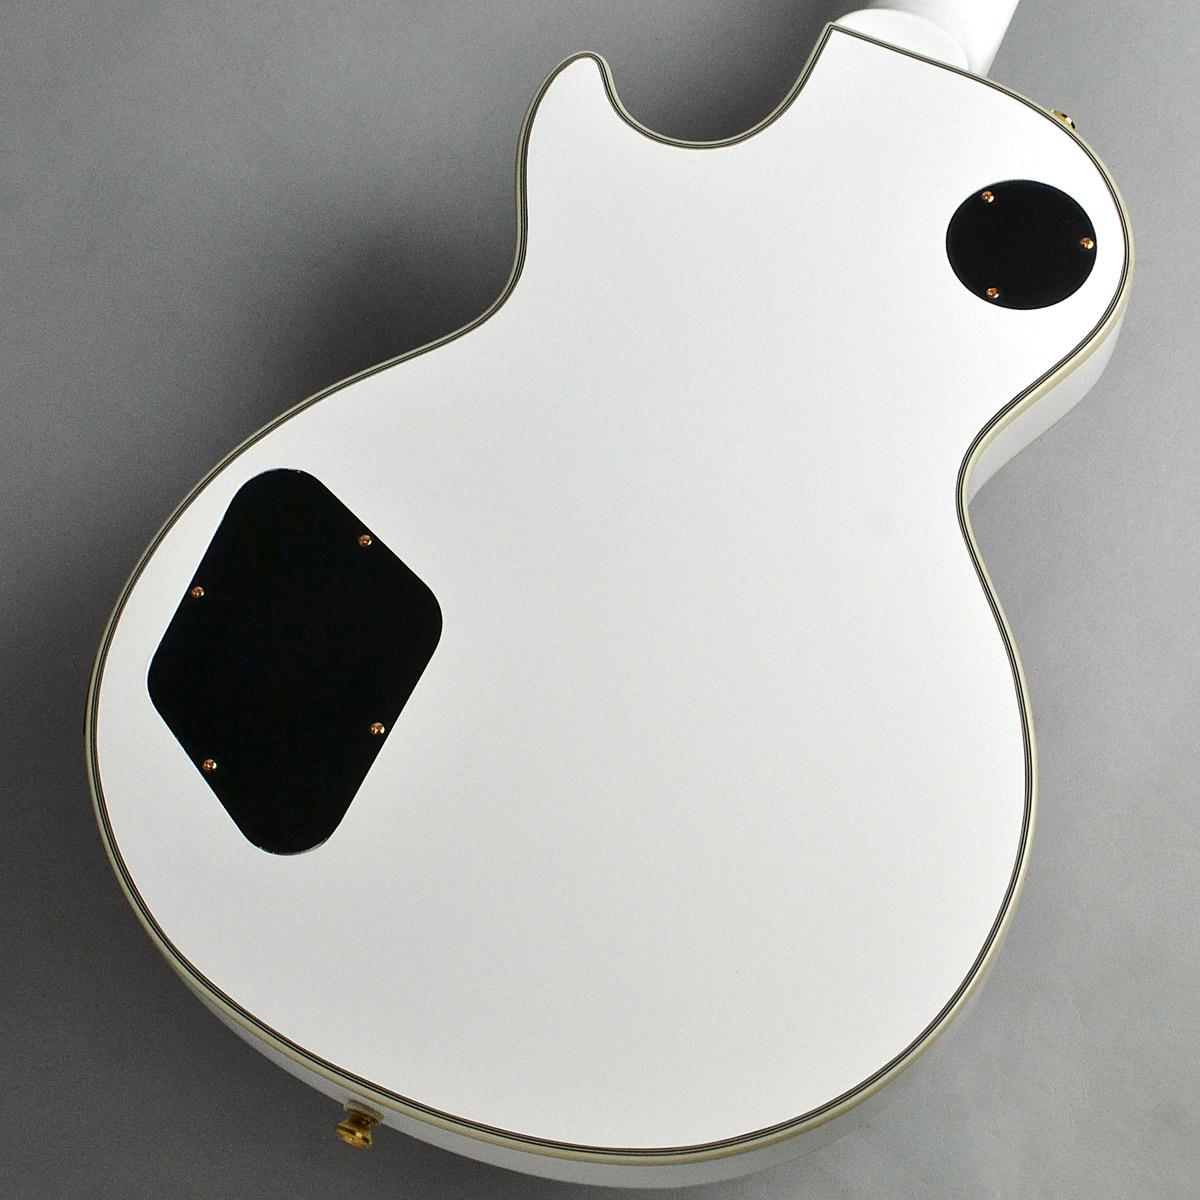 Les Paul Custom Pro Liteのボディバック-アップ画像